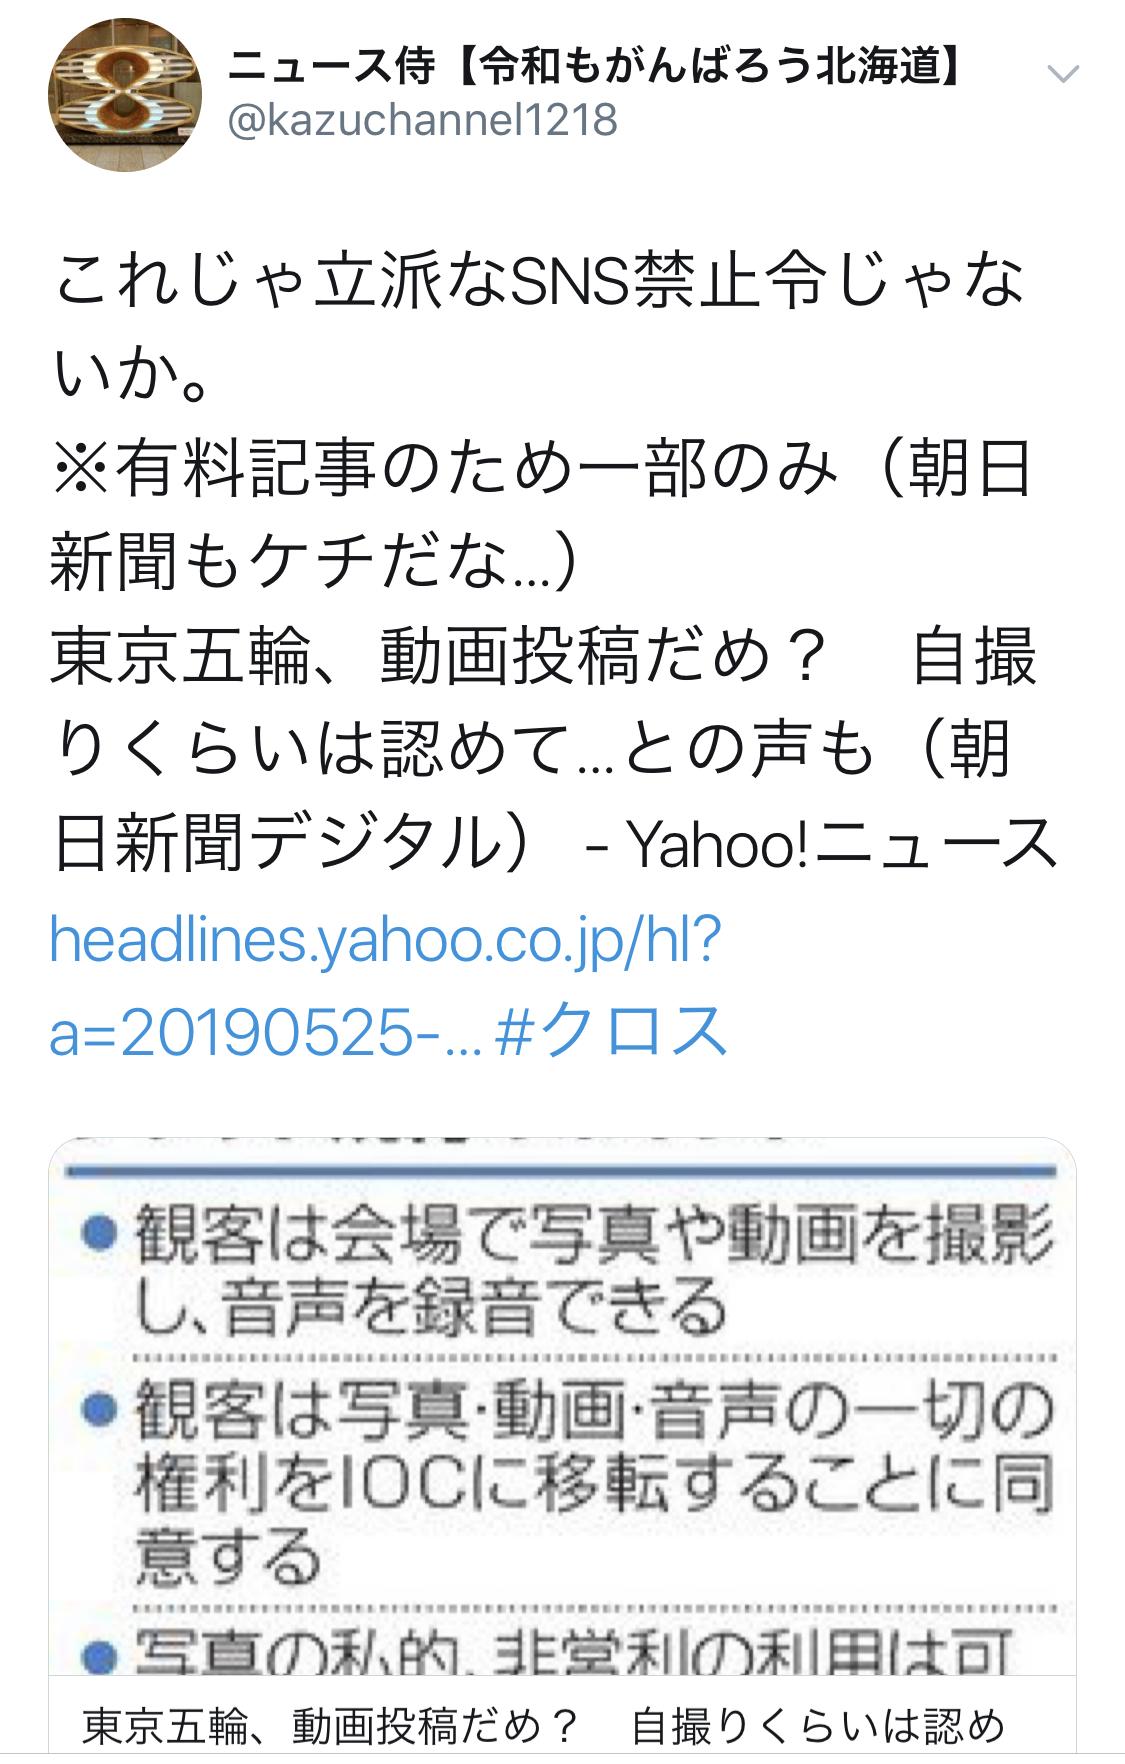 東京オリンピック2020自撮り動画のSNS投稿禁止の理由と規約とは?